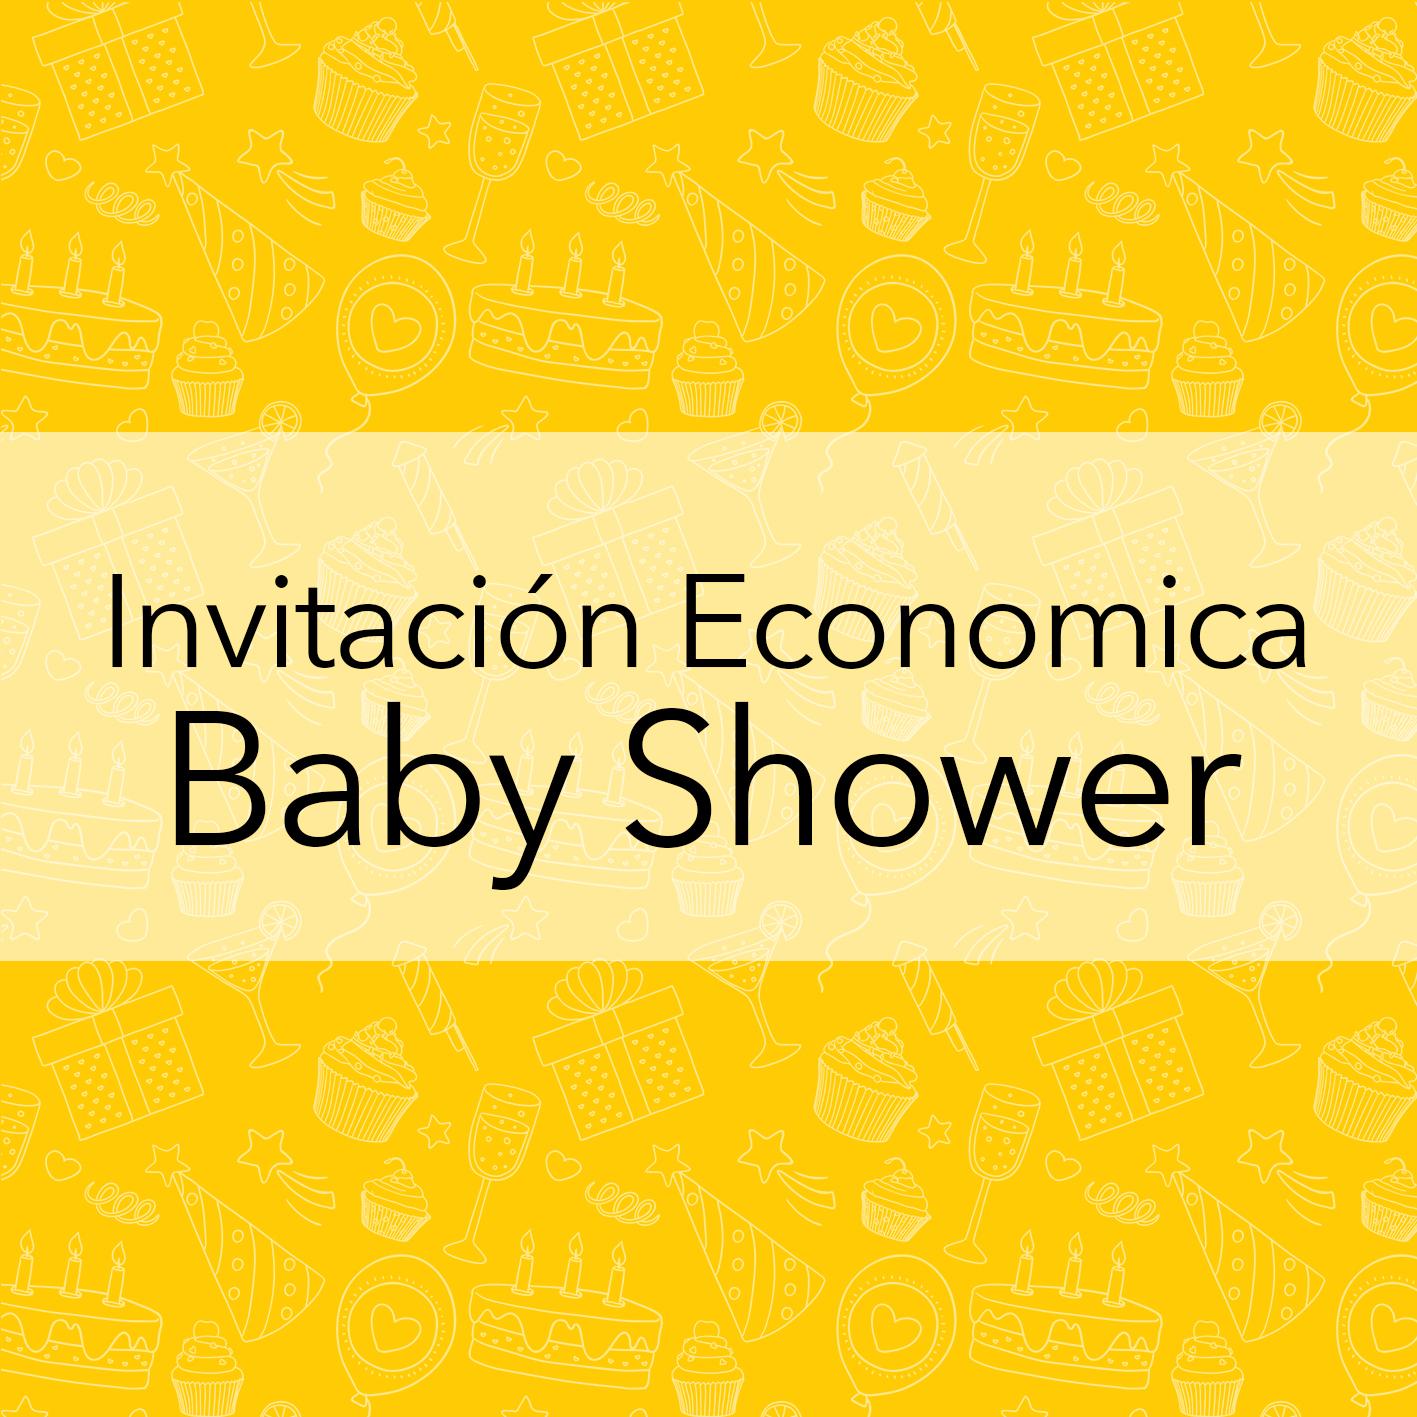 INVITACIÓN ECONOMICA BABY SHOWER